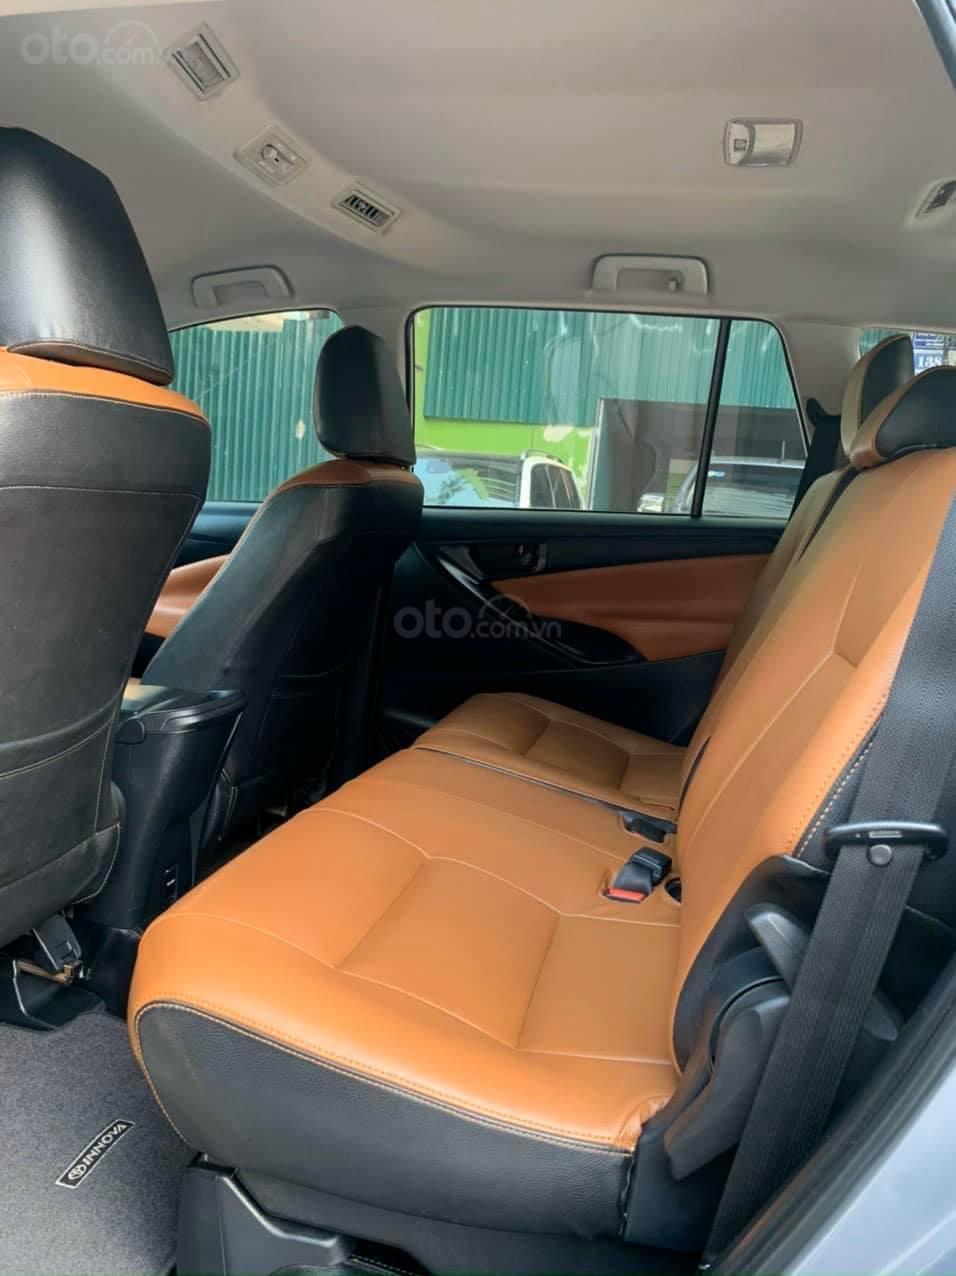 Bán xe Toyota Innova 2.0E sản xuất năm 2018, màu bạc số sàn (5)